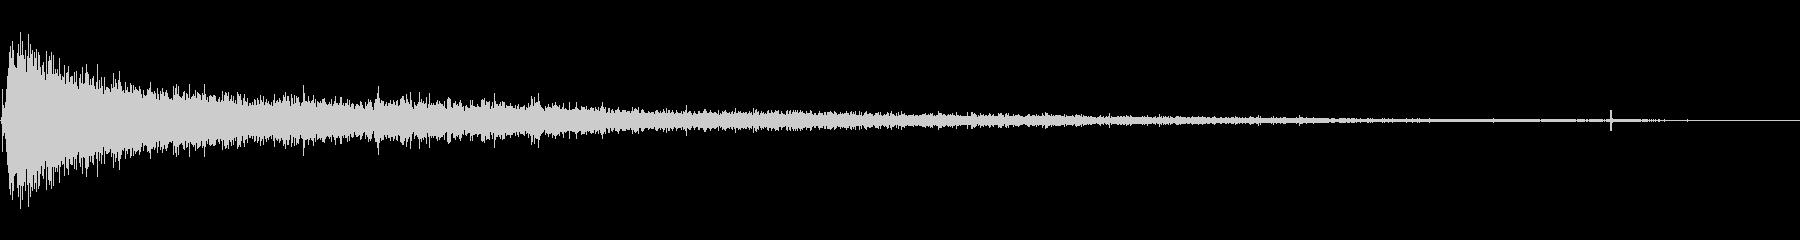 スキューバ機器:フォリー:BCDベ...の未再生の波形